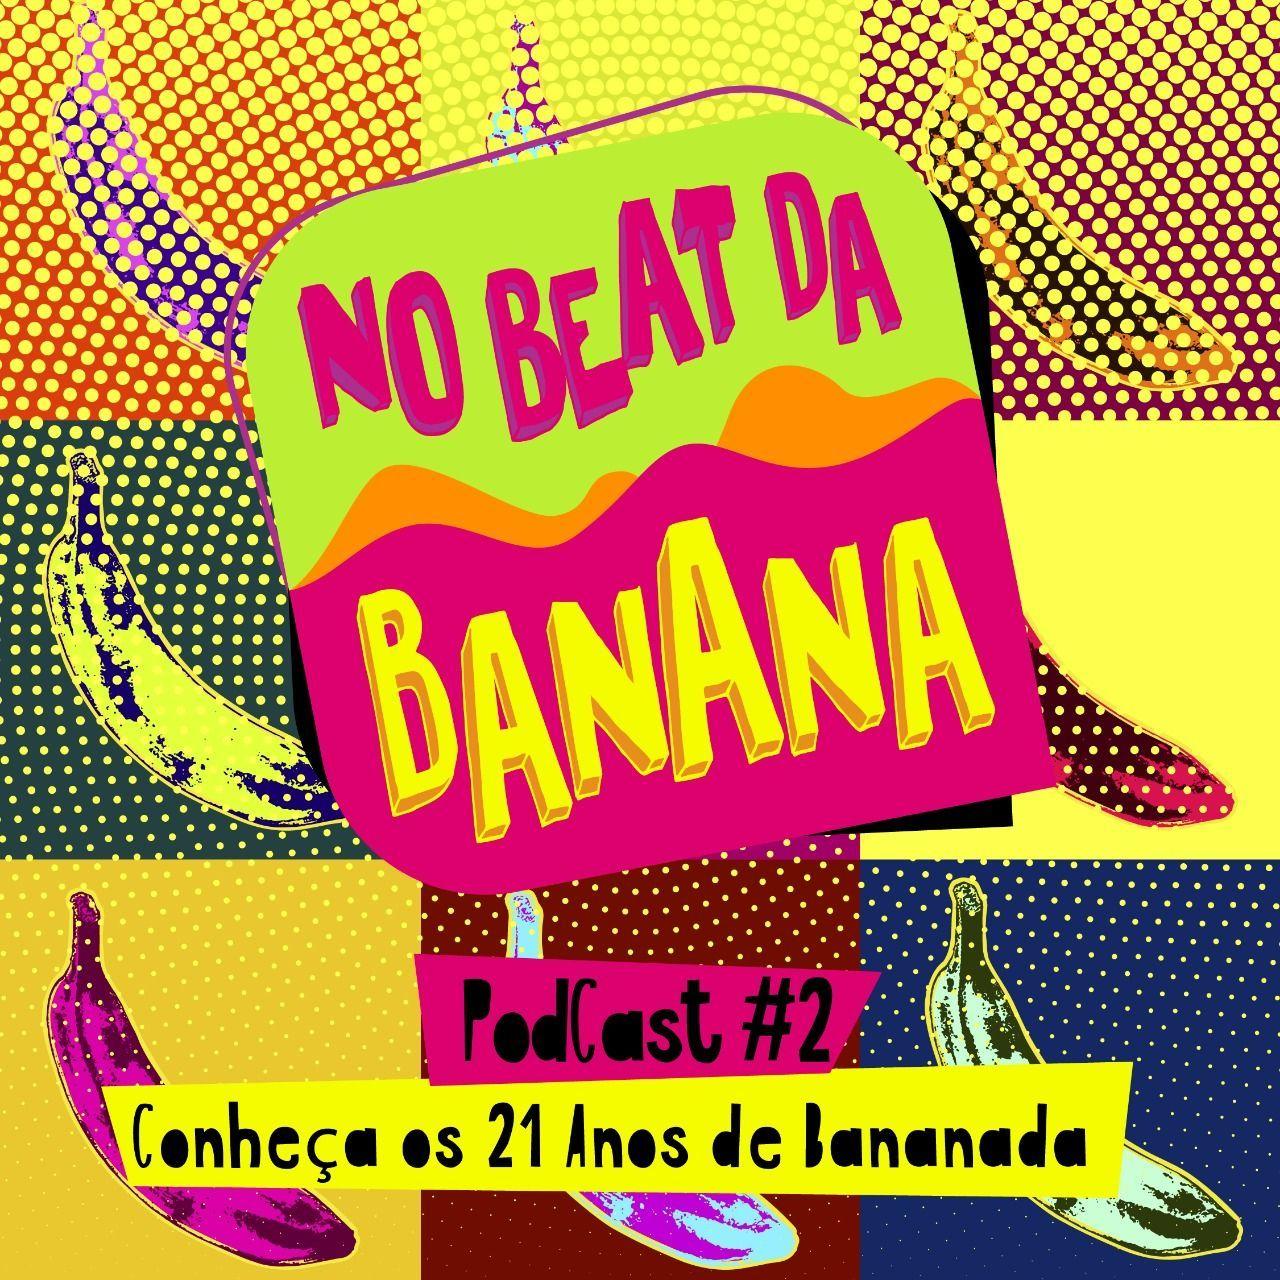 No Beat da Banana #2: Os 21 anos de história do Festival Bananada